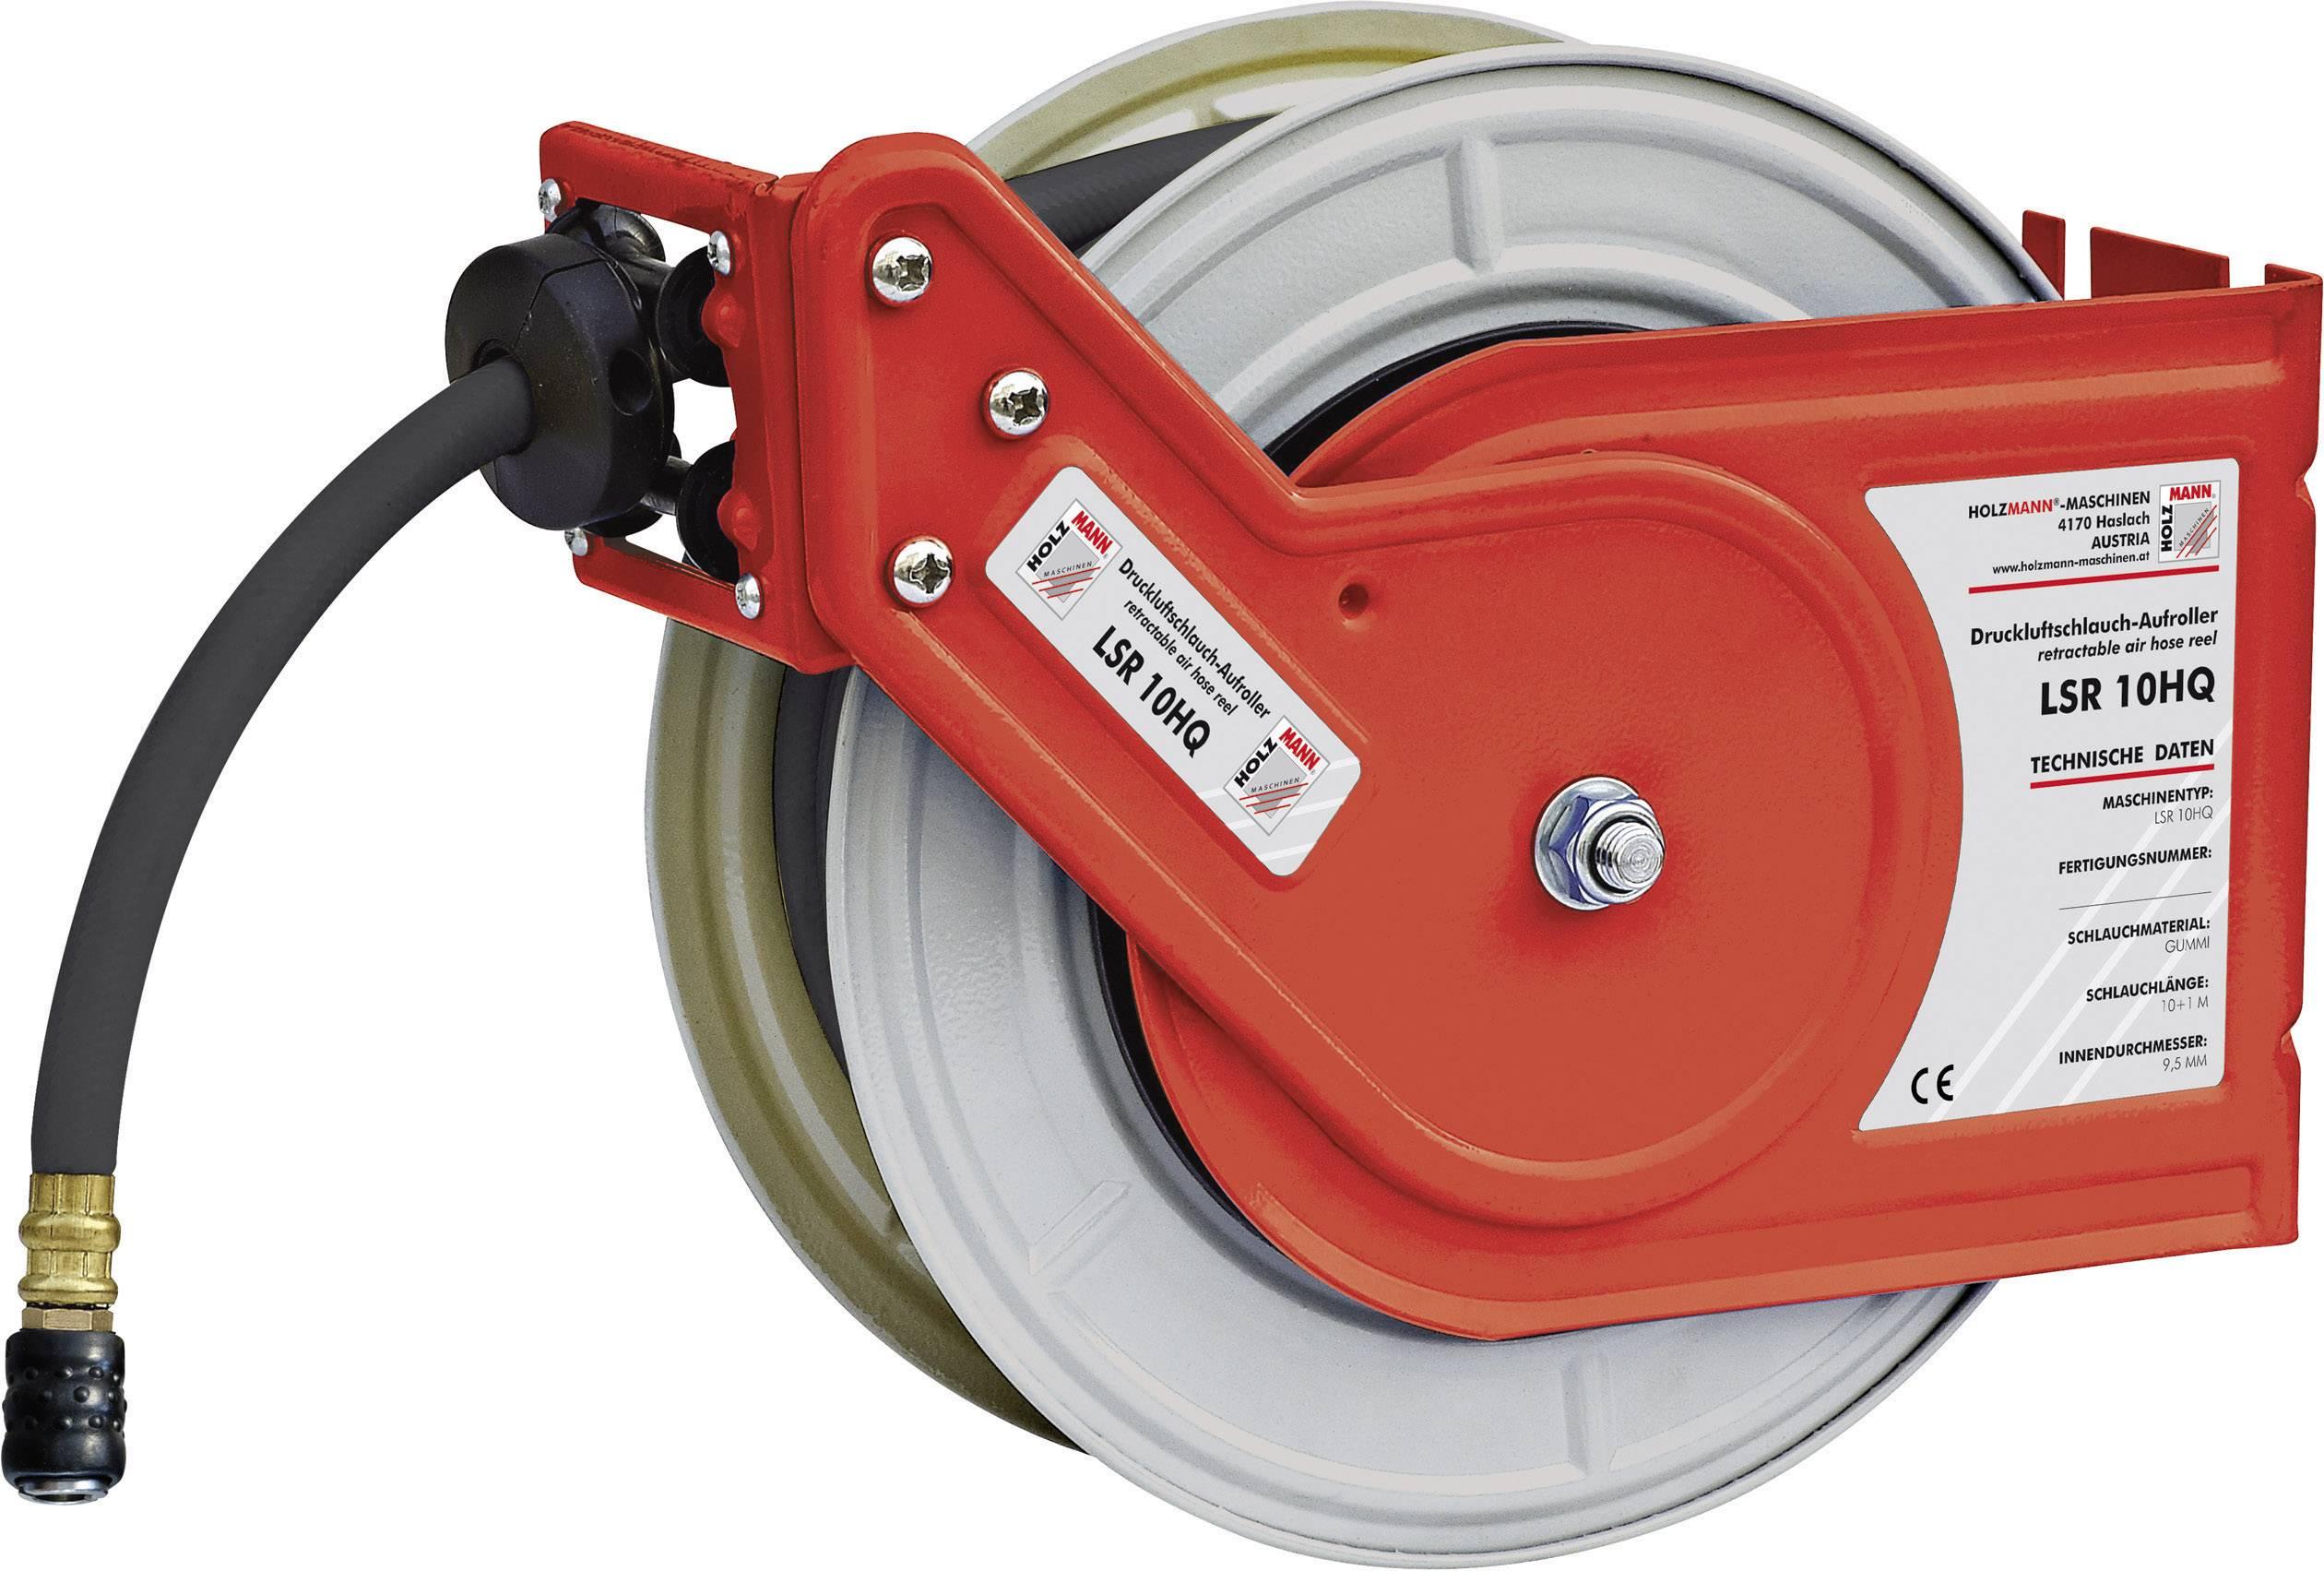 Navíjací bubon na tlakovú hadicu Holzmann Maschinen LSR10HQ H050400006, 10 m